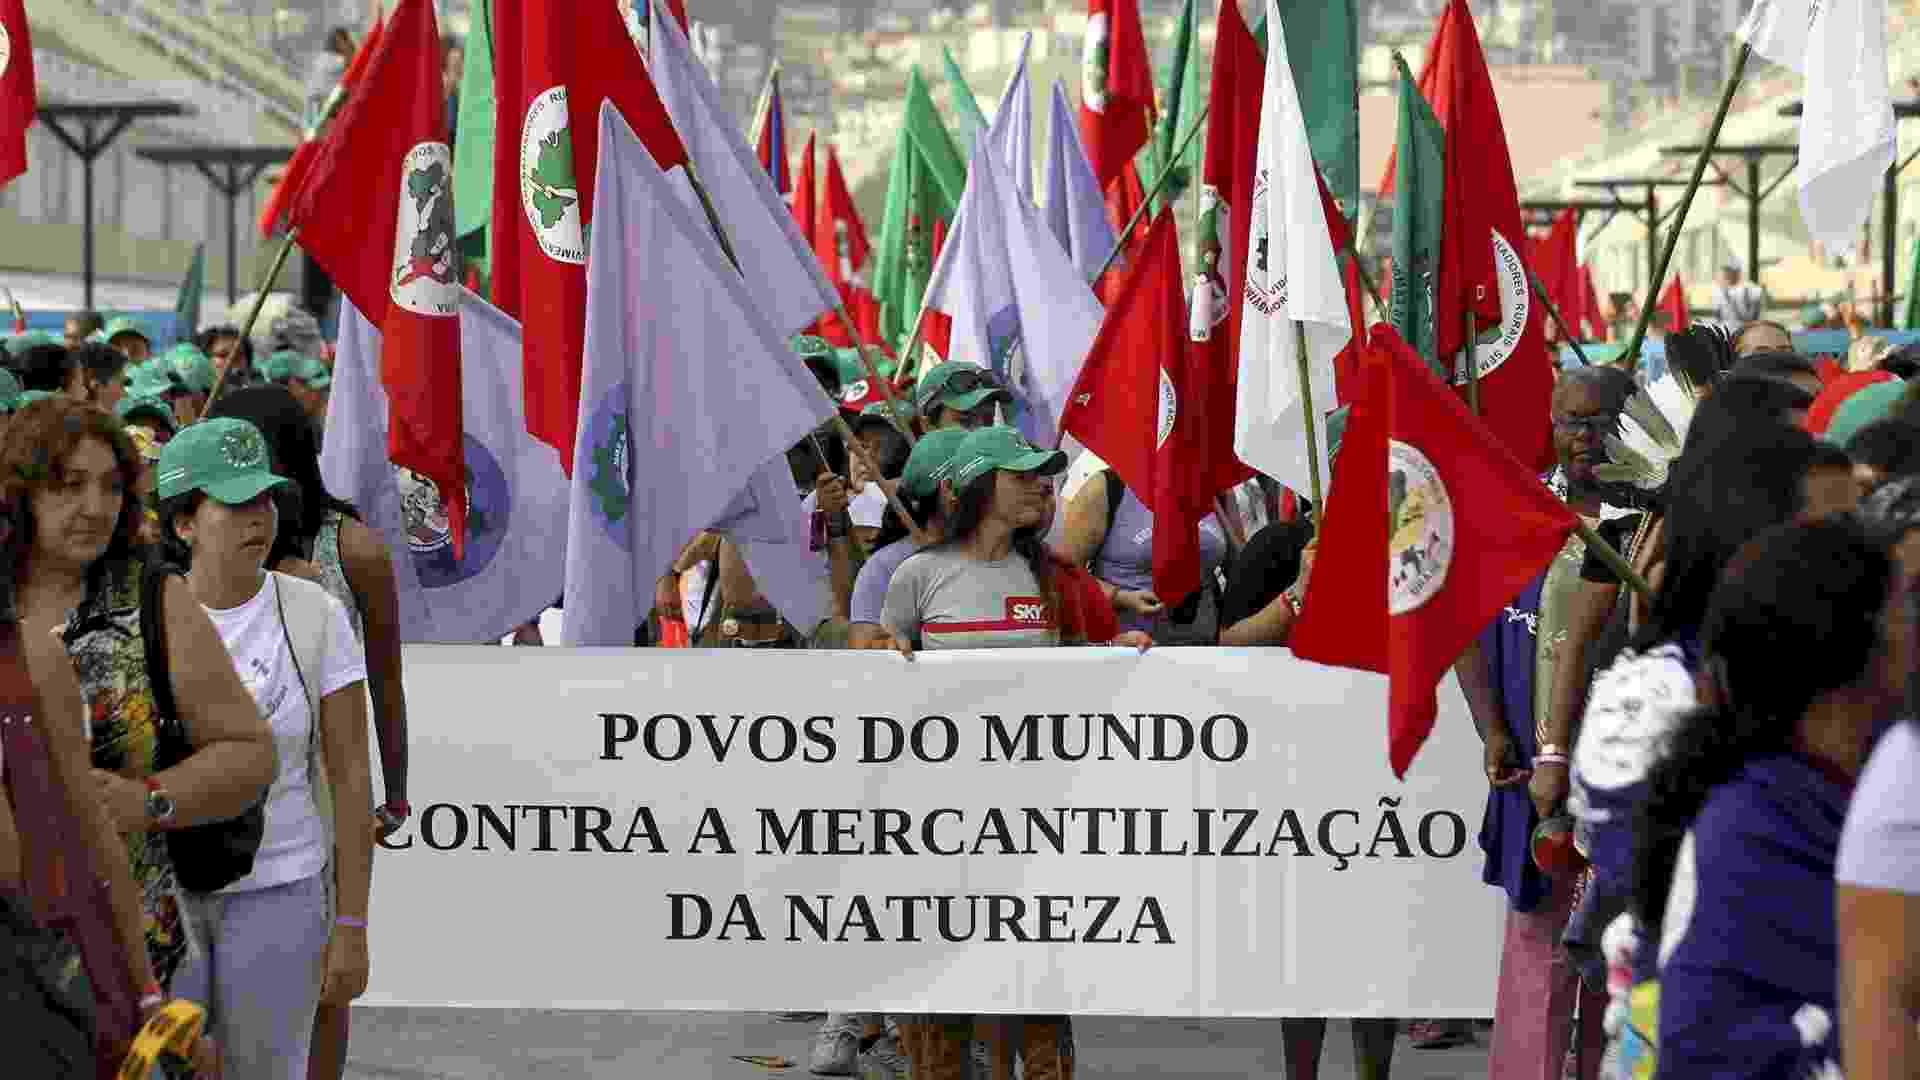 17.jun.2012 - Milhares de mulheres do Movimento dos Sem-Terra (MST) participam de marcha contra a economia capitalista durante a Rio+20, Conferência da ONU sobre Desenvolvimento Sustentável. As manifestantes pedem uma economia mais sustentável - Antonio Lacerda/EFE